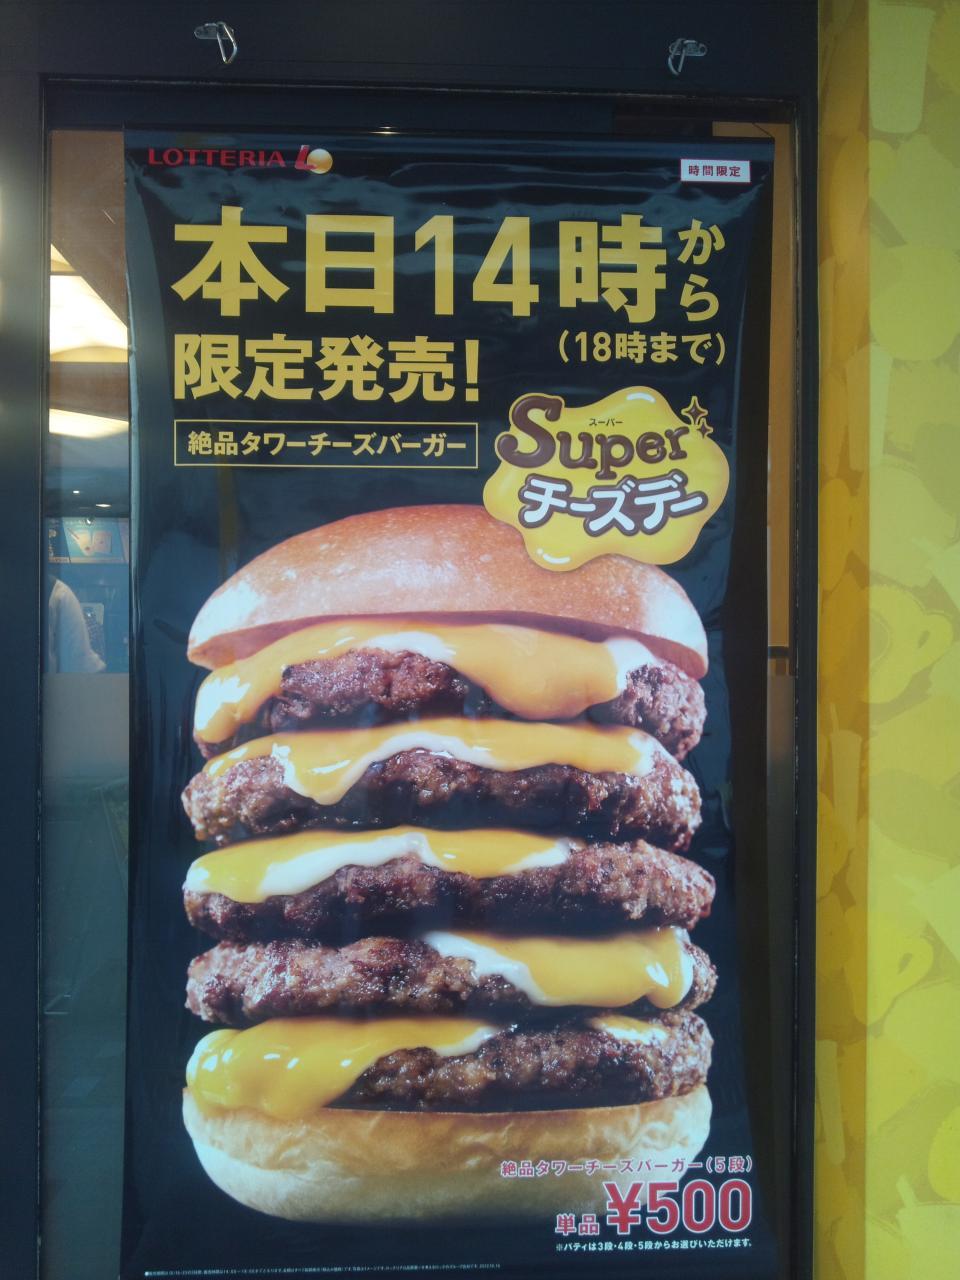 ロッテリア日本橋高島屋店(ポスター)